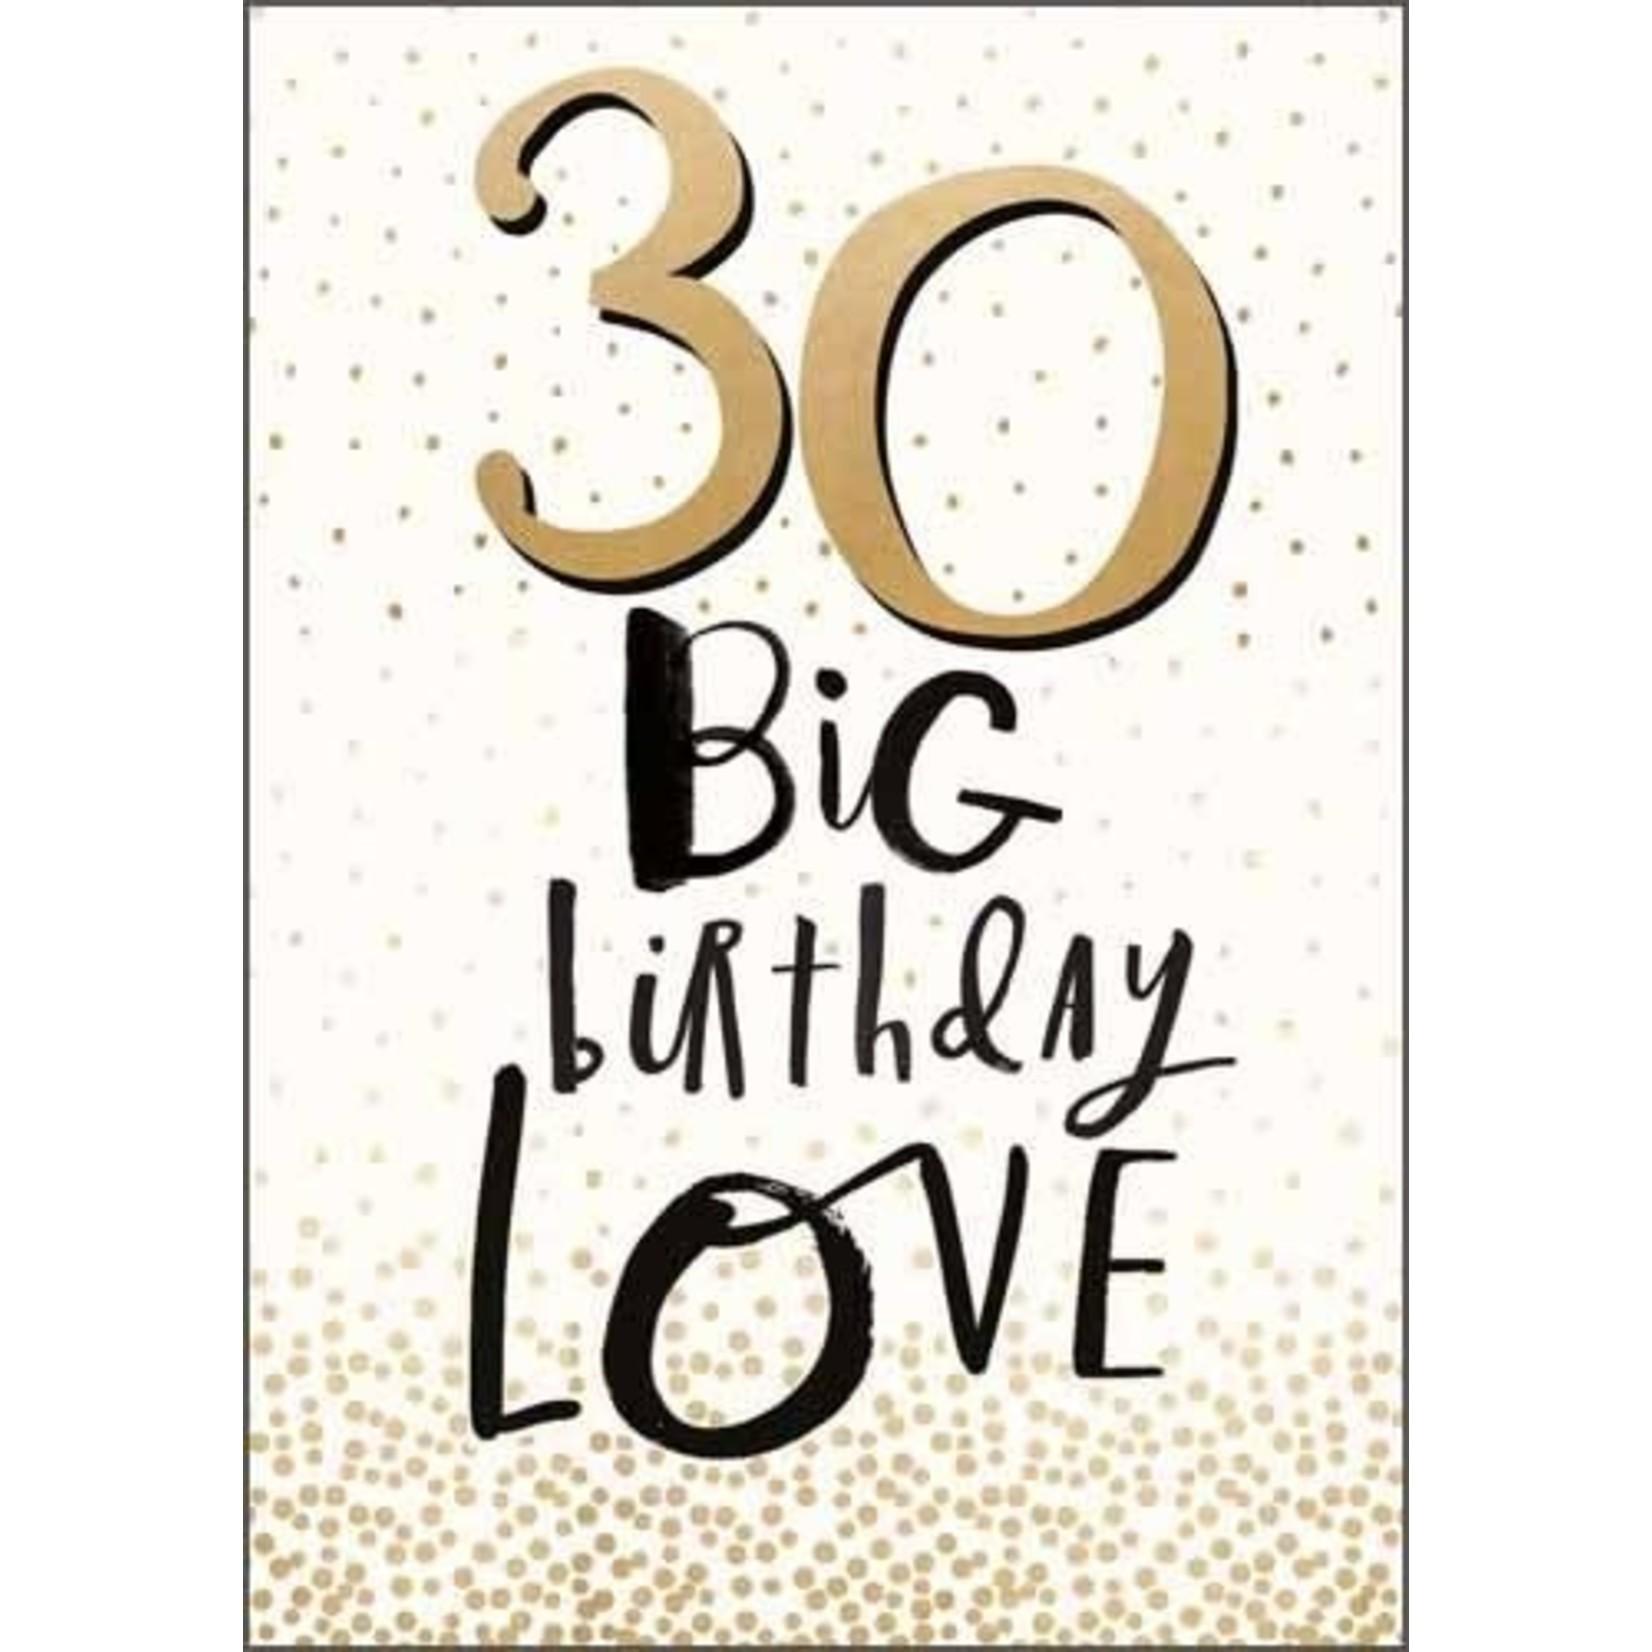 30 BIG BIRTHDAY LOVE CARD